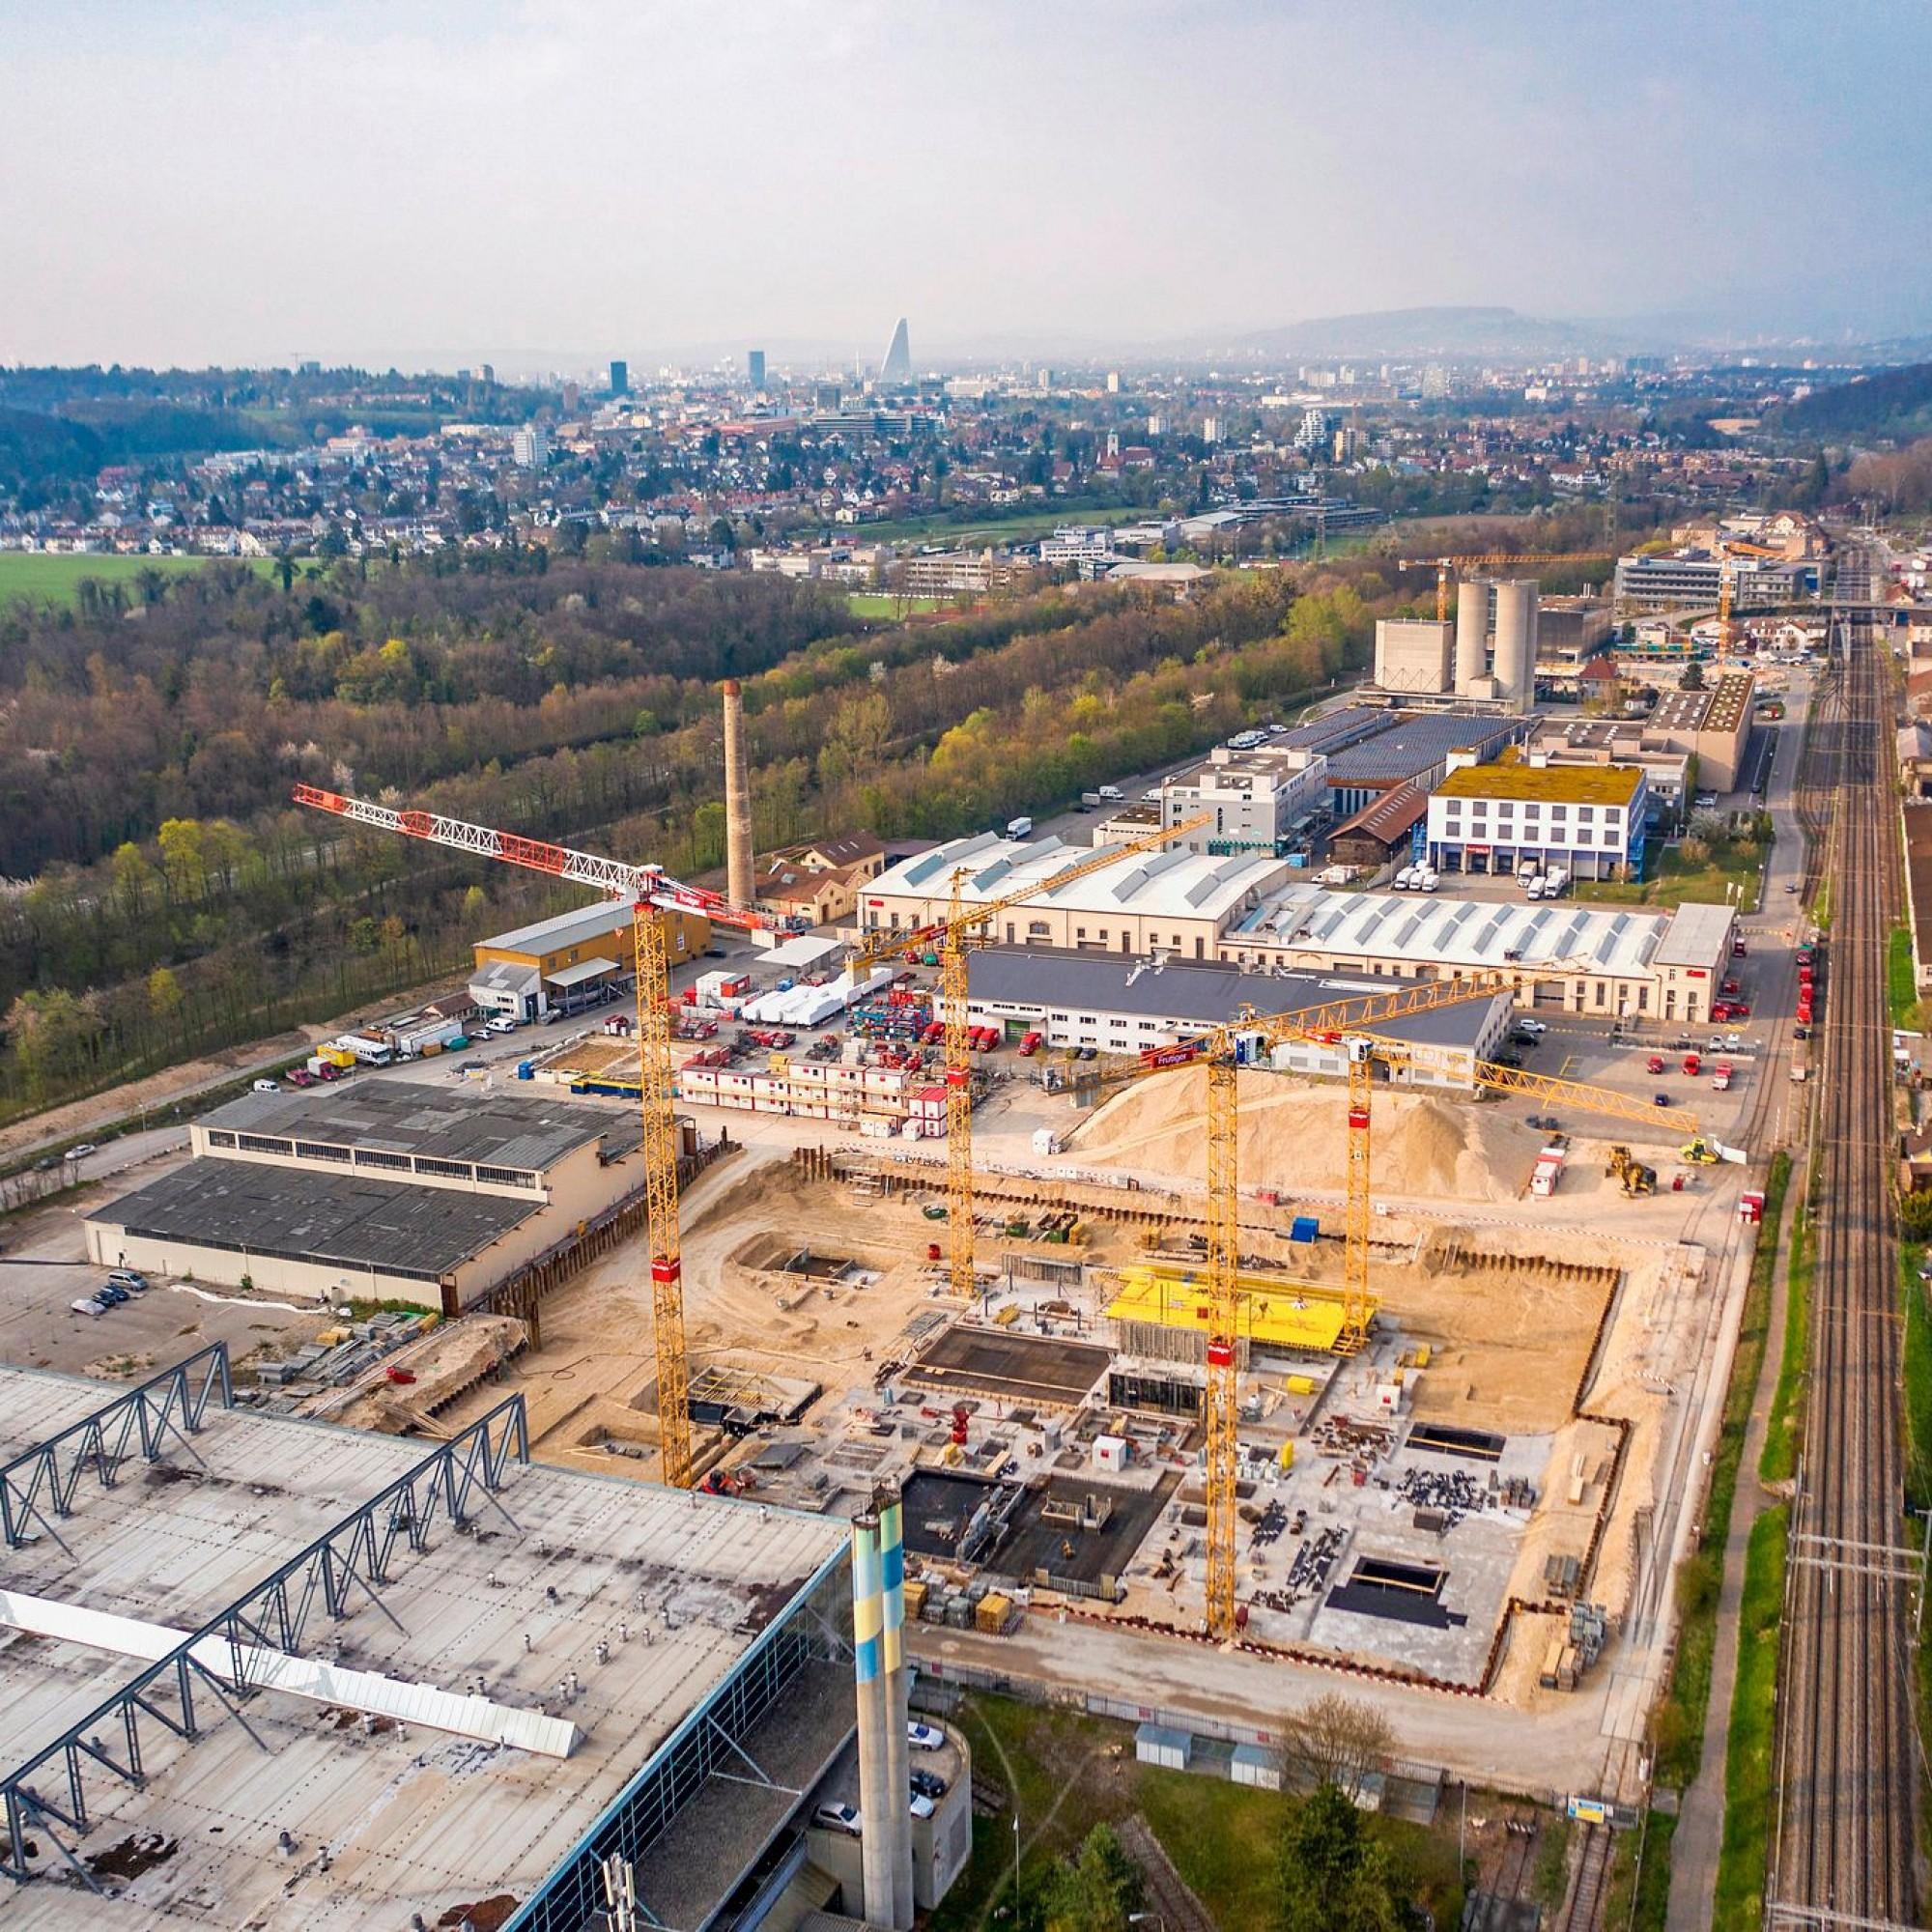 Arlesheim BL Kompetenzzentrum für Technologiefirmen